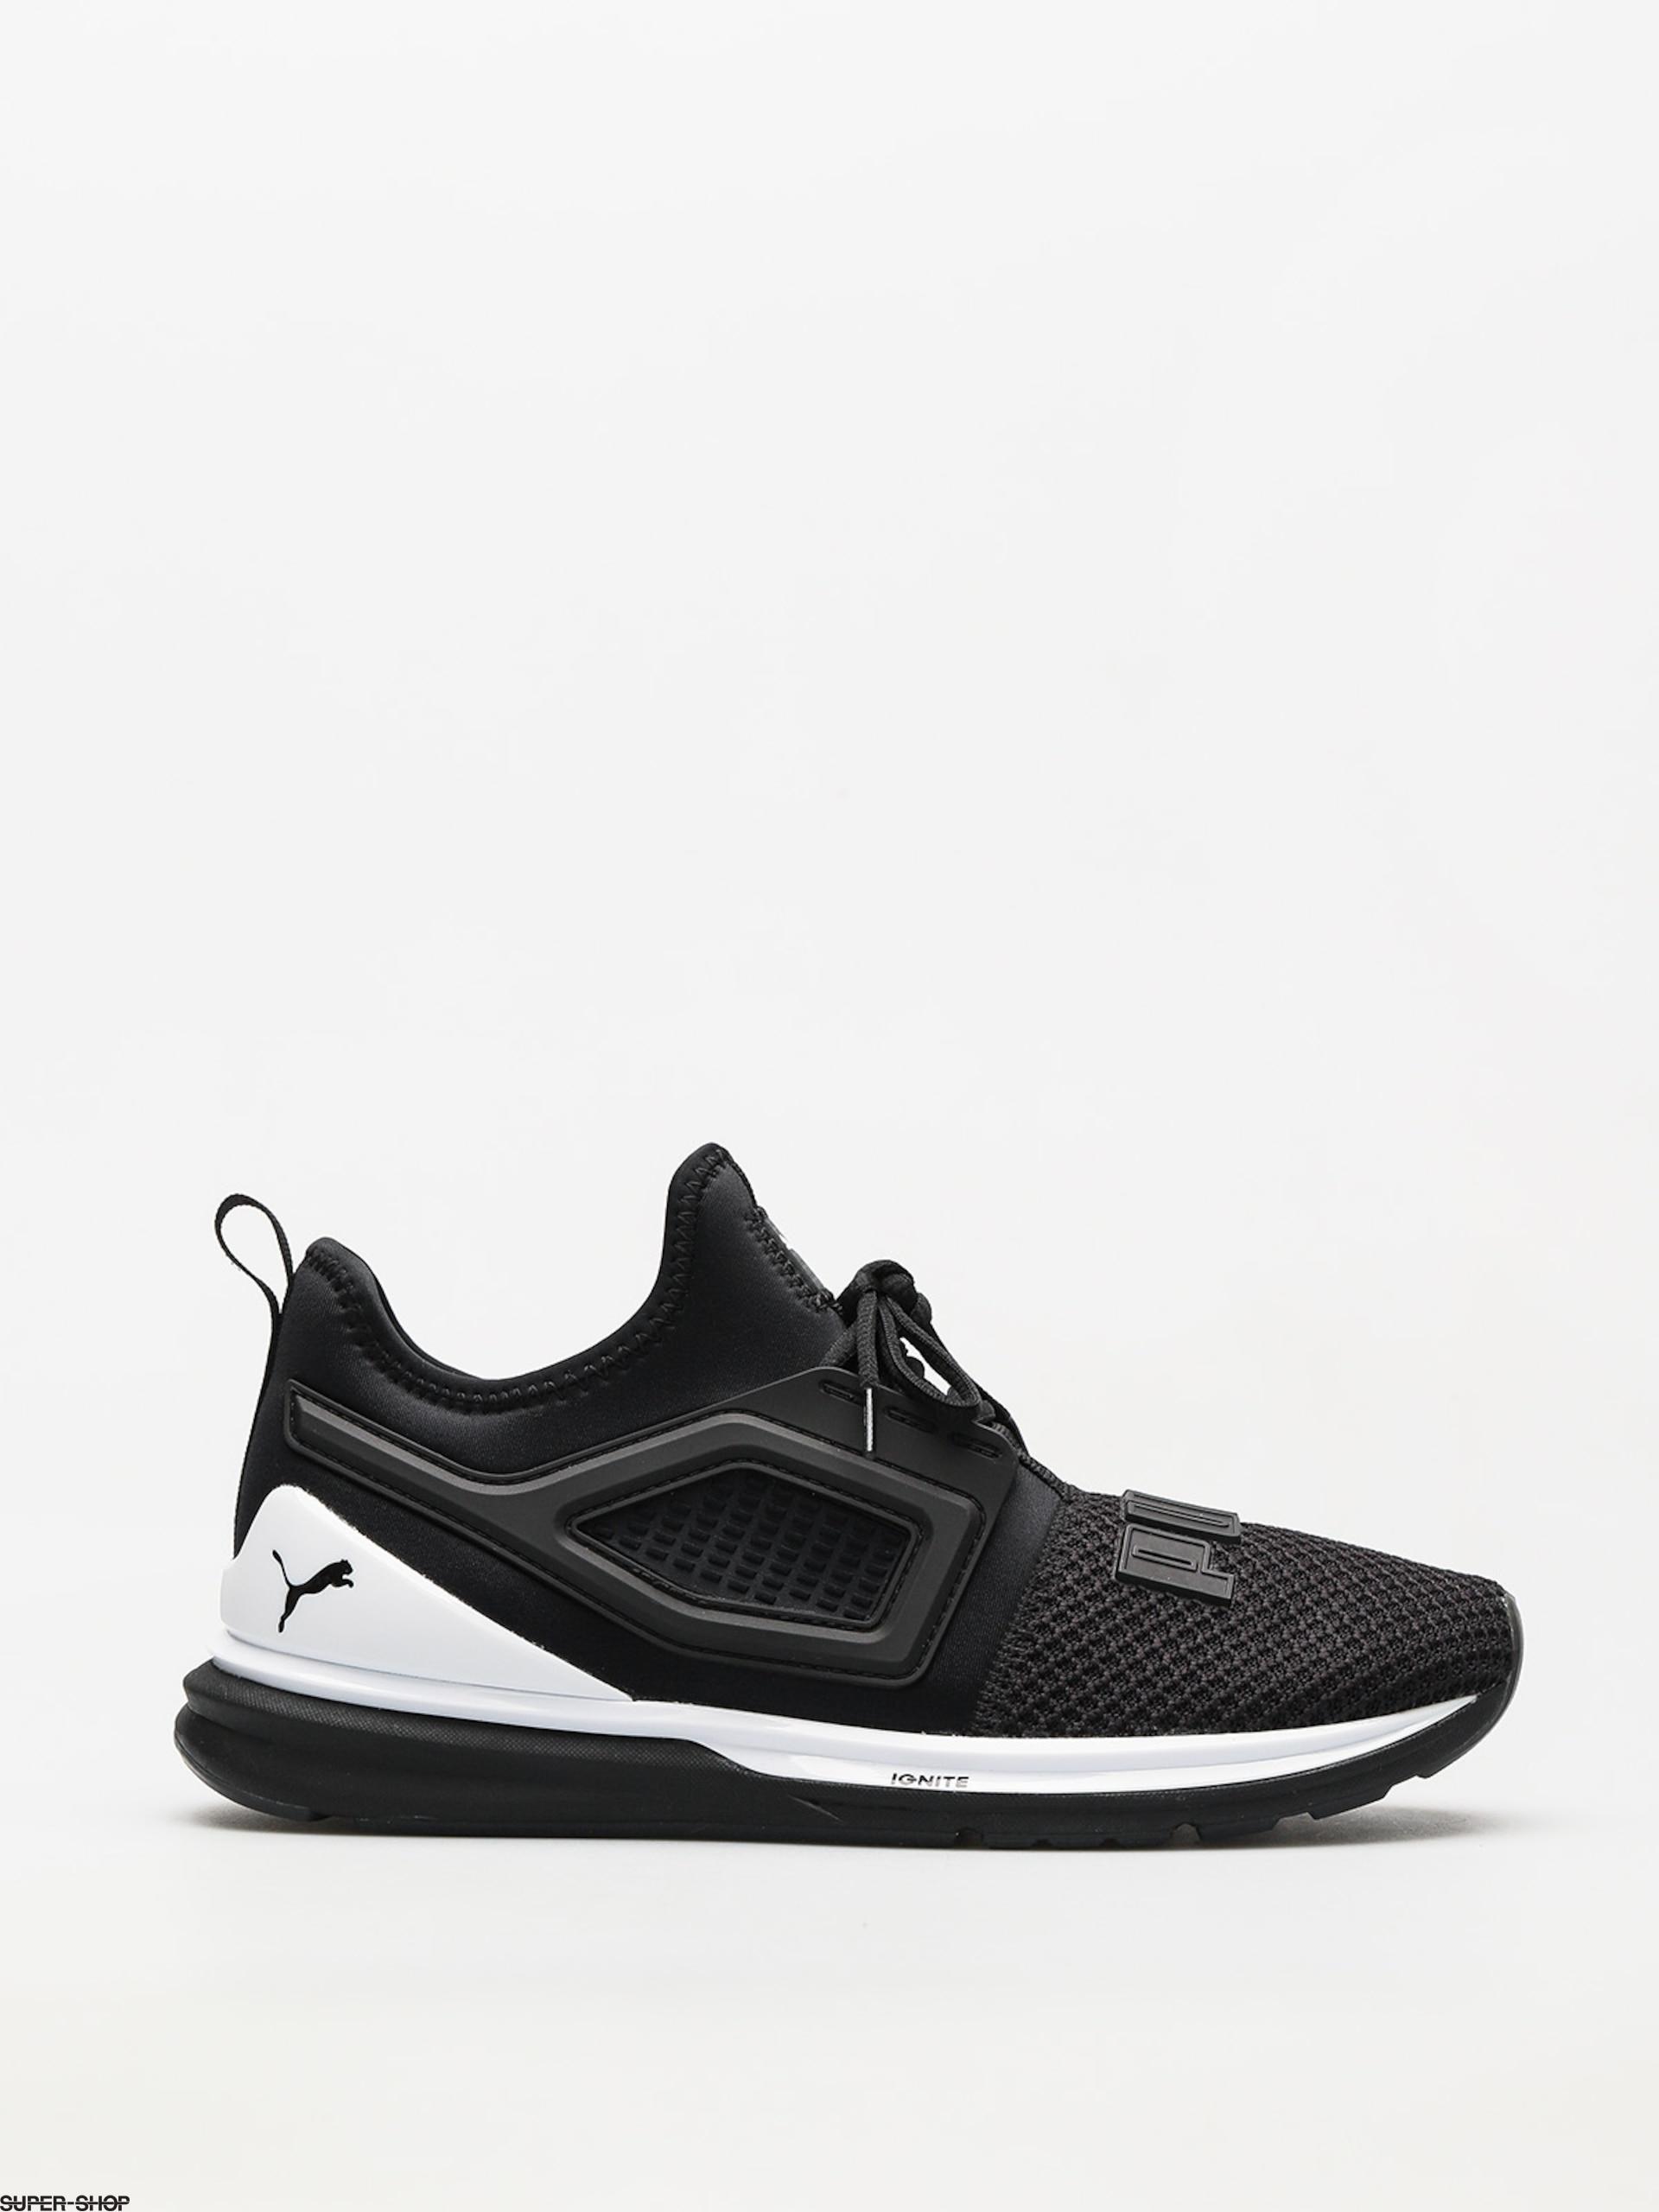 quality design cb934 8fb3e Puma Shoes Ignite Limitless 2 (puma black/puma white)